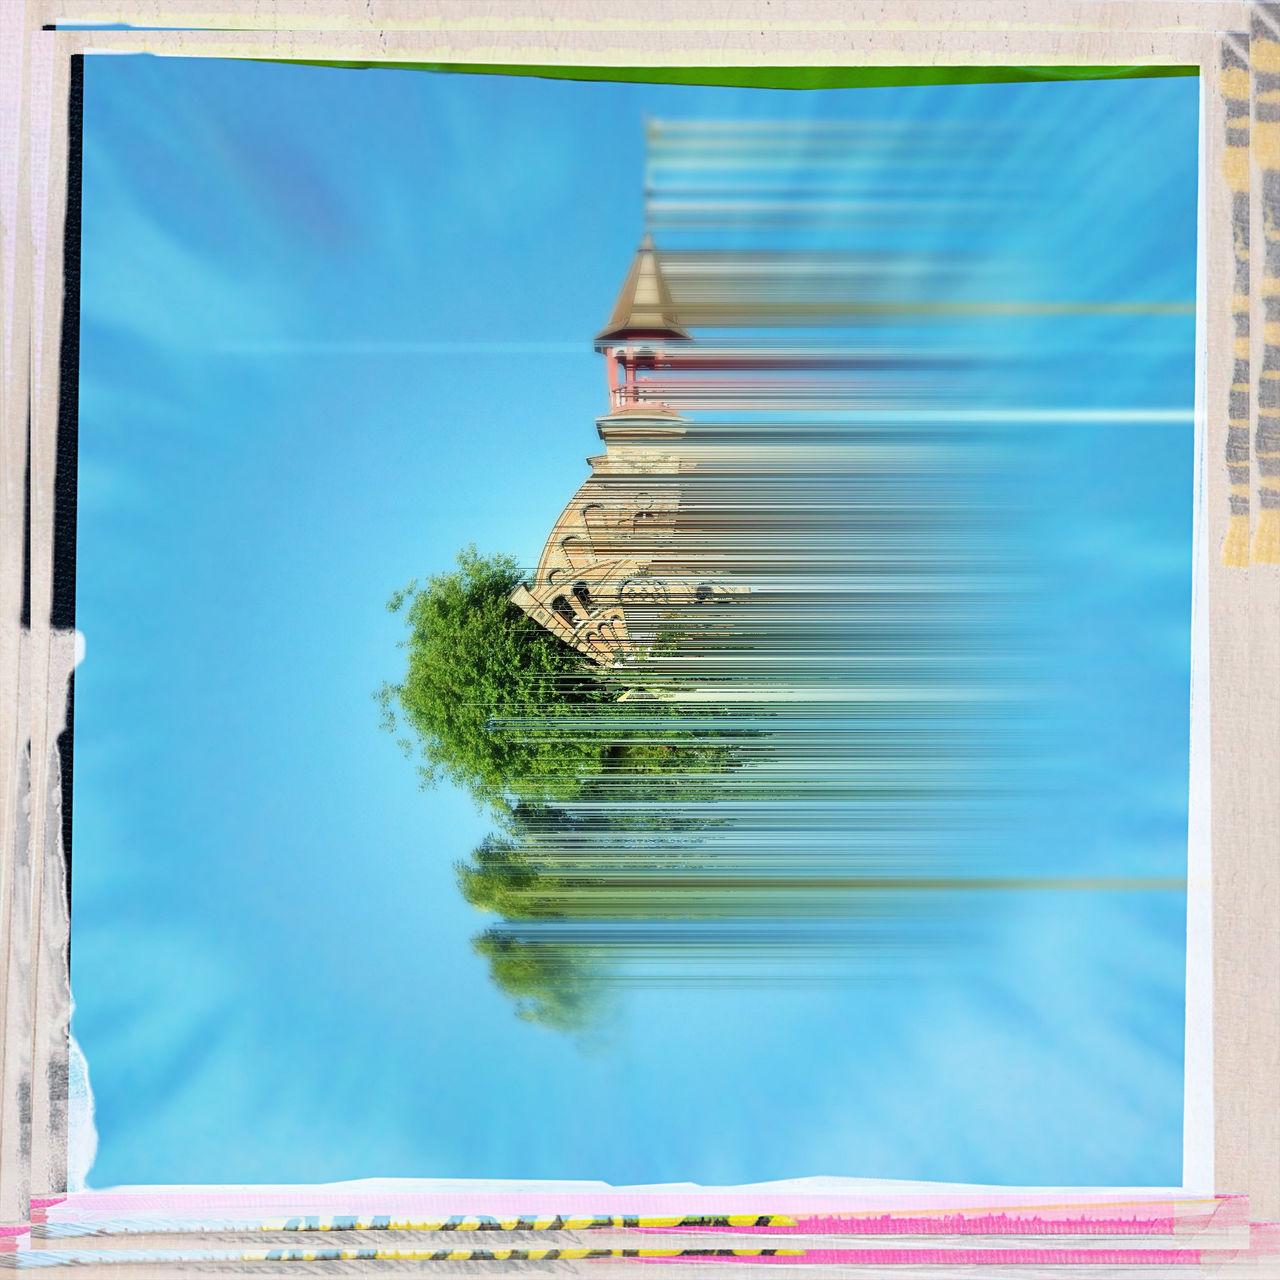 Im grünlichen blau einessphärischen Quadrats steht ein Kirchturm schemenhaft, in Streifen wie verweht von links nach rechts. Ein Tupfer Grün von den Bäumen neben der Kirche. Umrahmt wird das Bild von einem rosa-gelb-gestreiften unsauberen Rand.